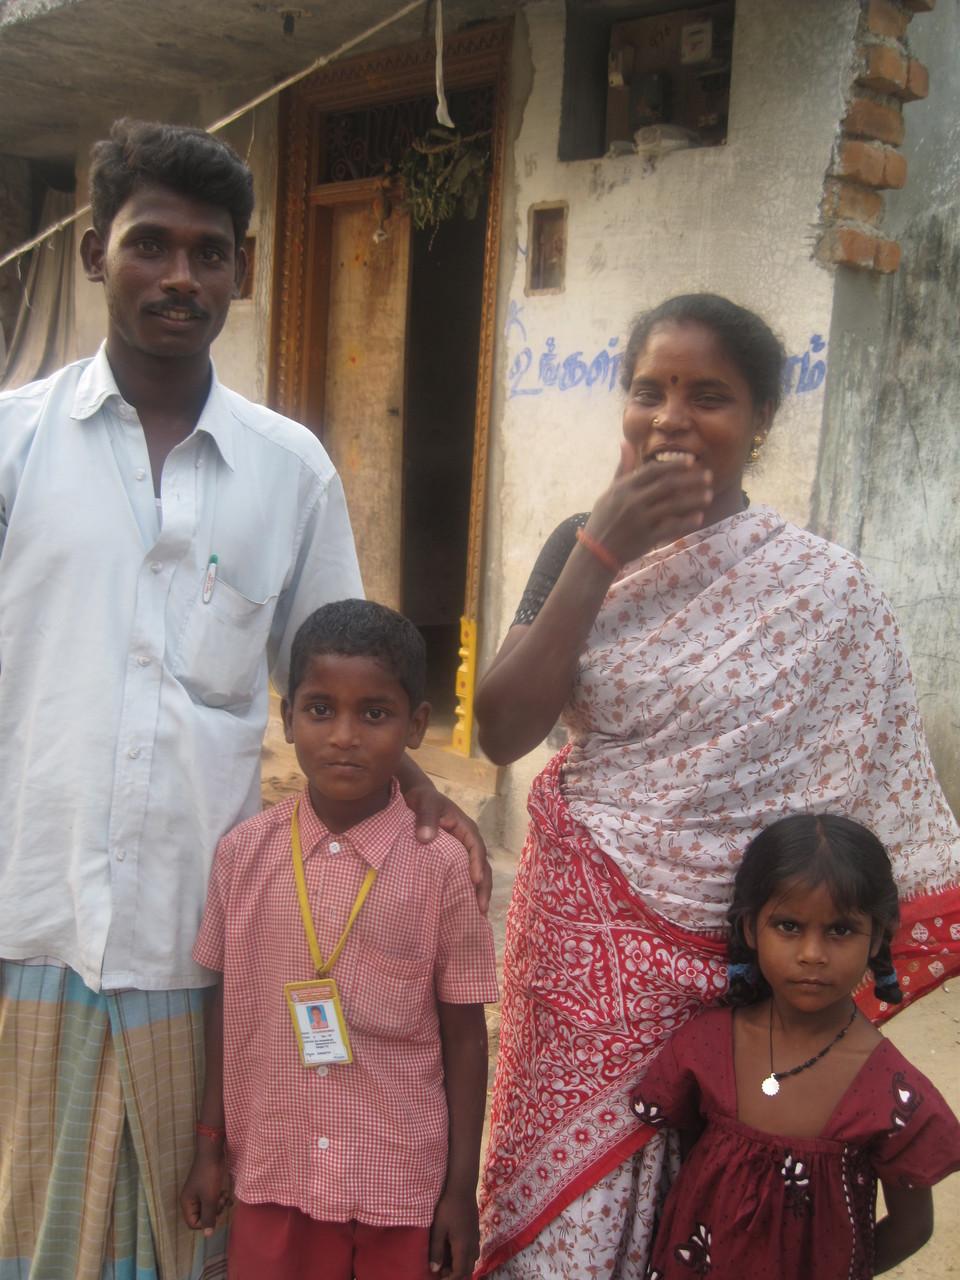 Le chauffeur de GRRC et sa famille - Communauté dalit d'Alampoondi - Janvier 2009